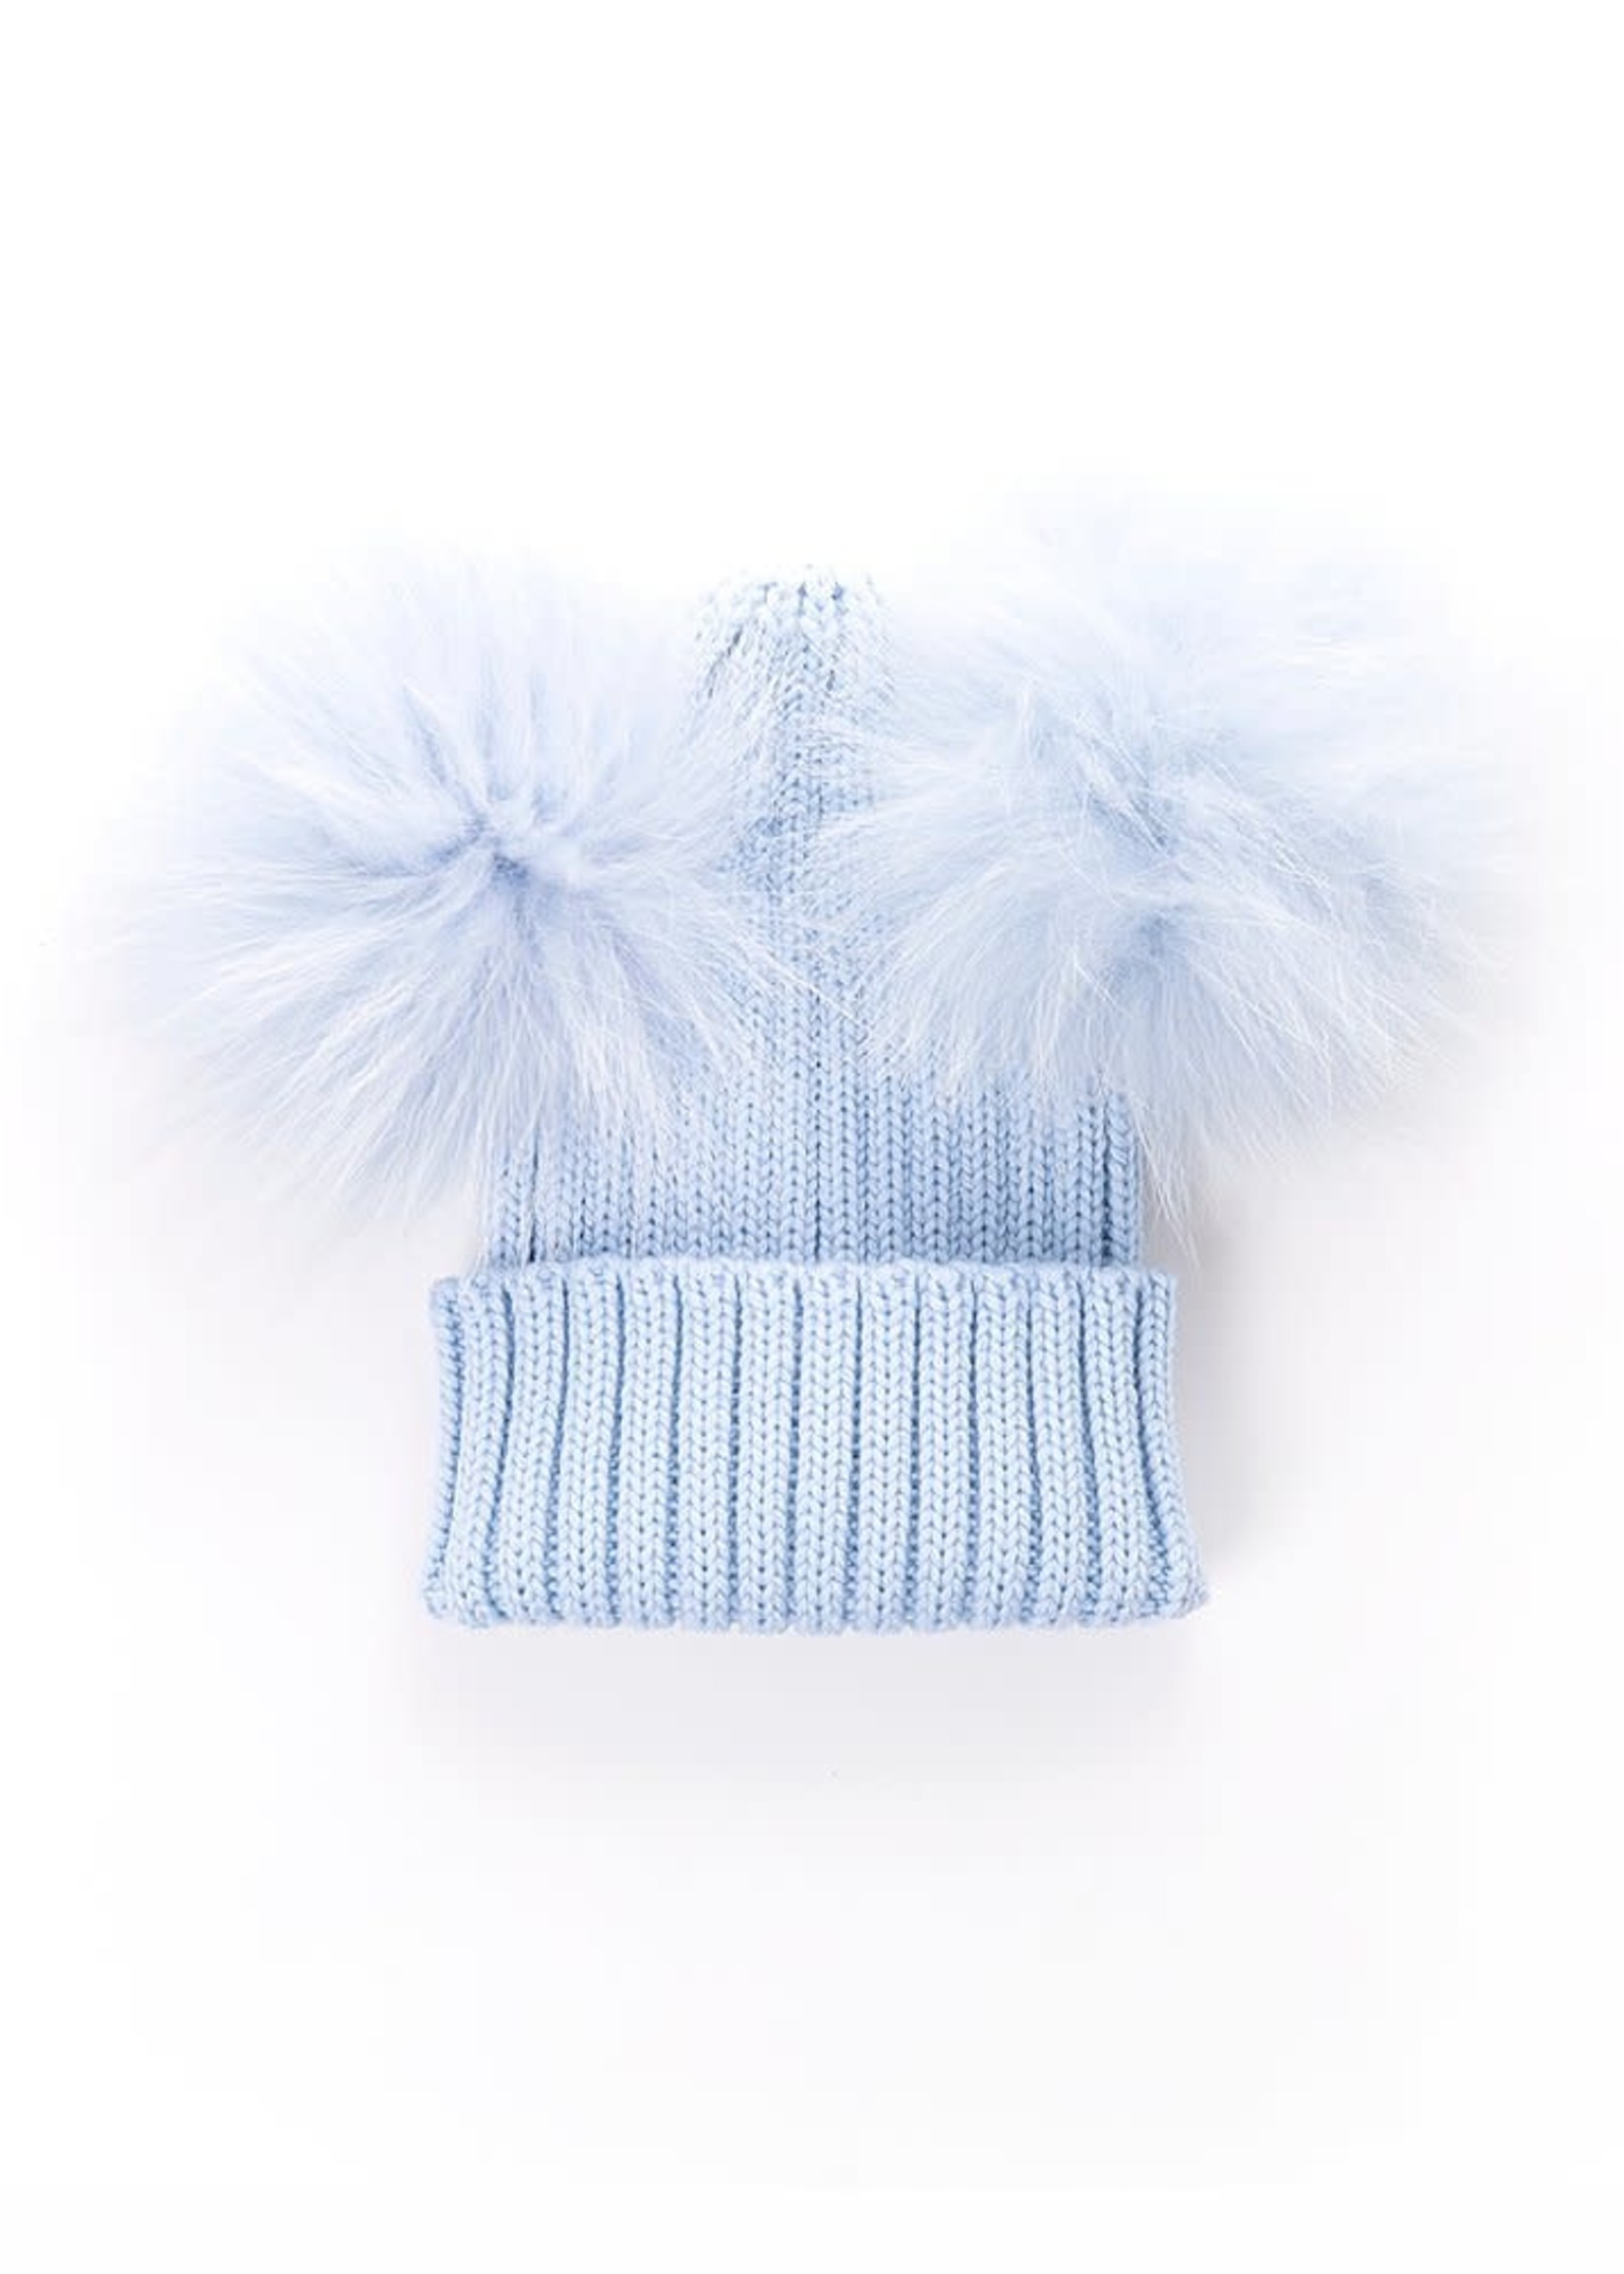 olilia Olilia Double Pom Pom Hat